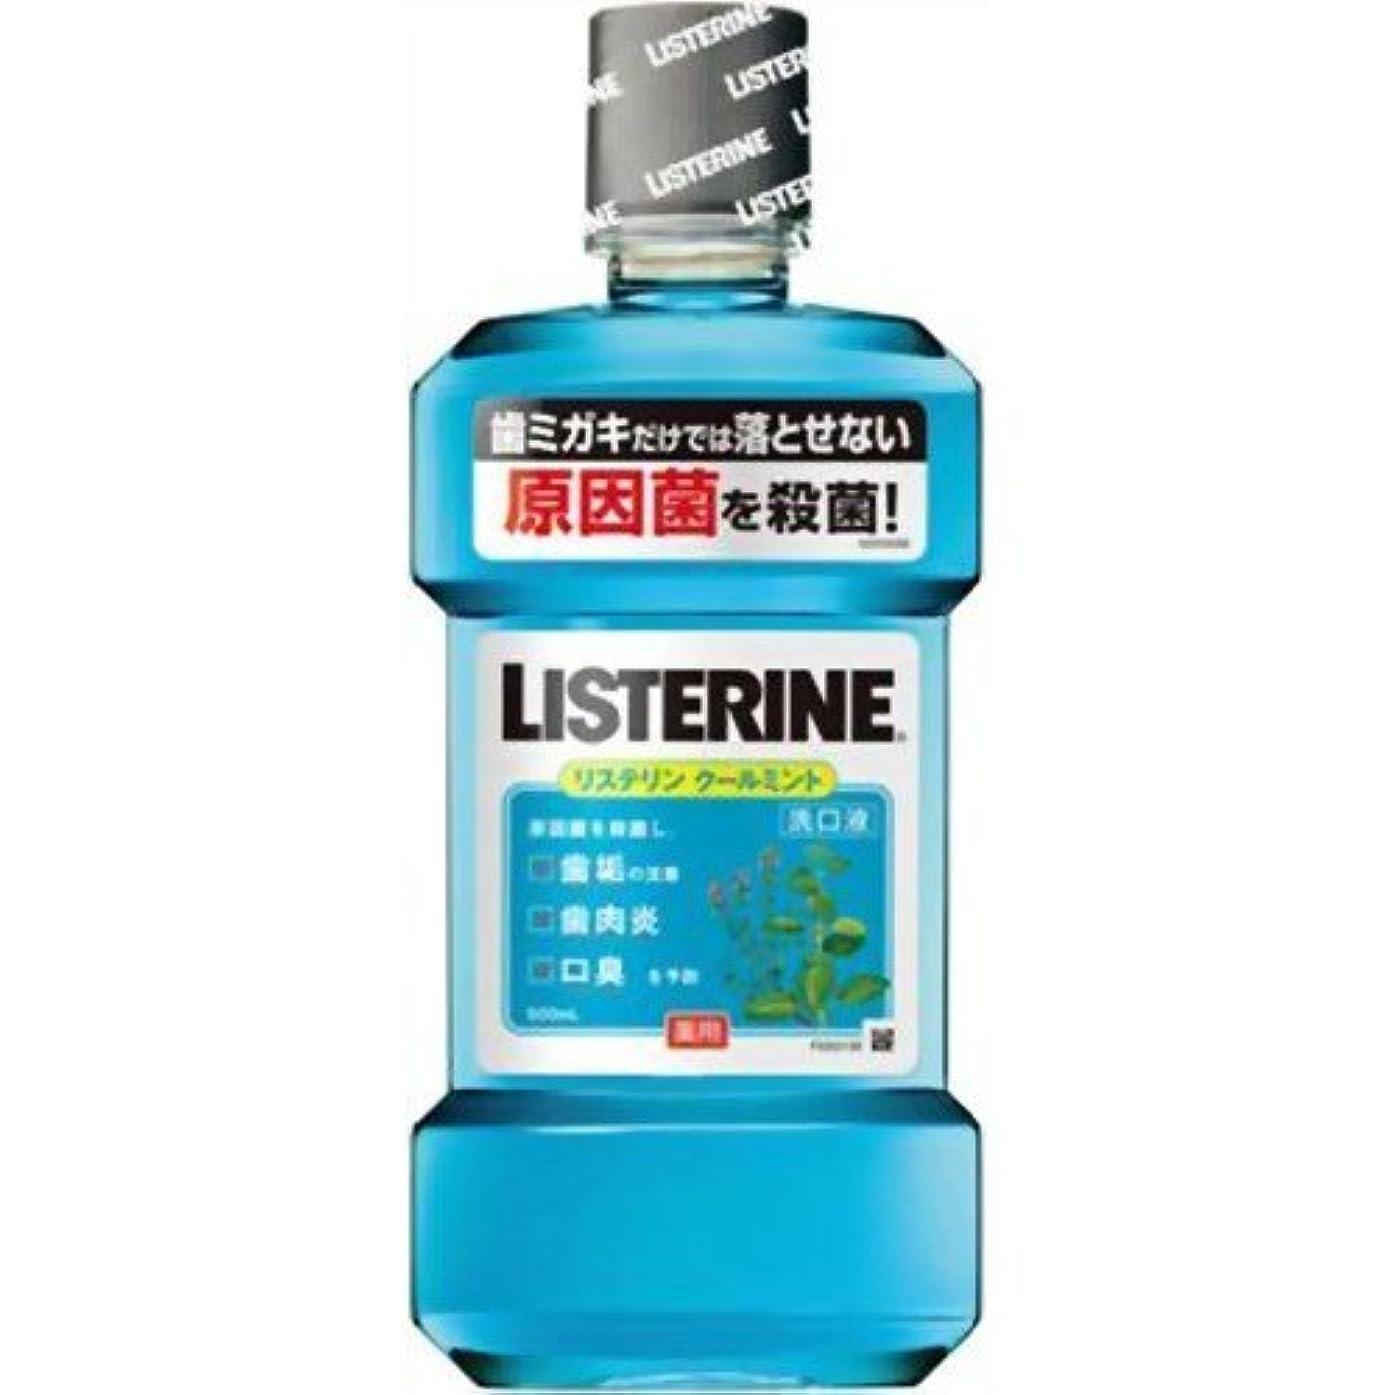 コイル薬評価する薬用リステリン クールミント 500ml ×3個セット